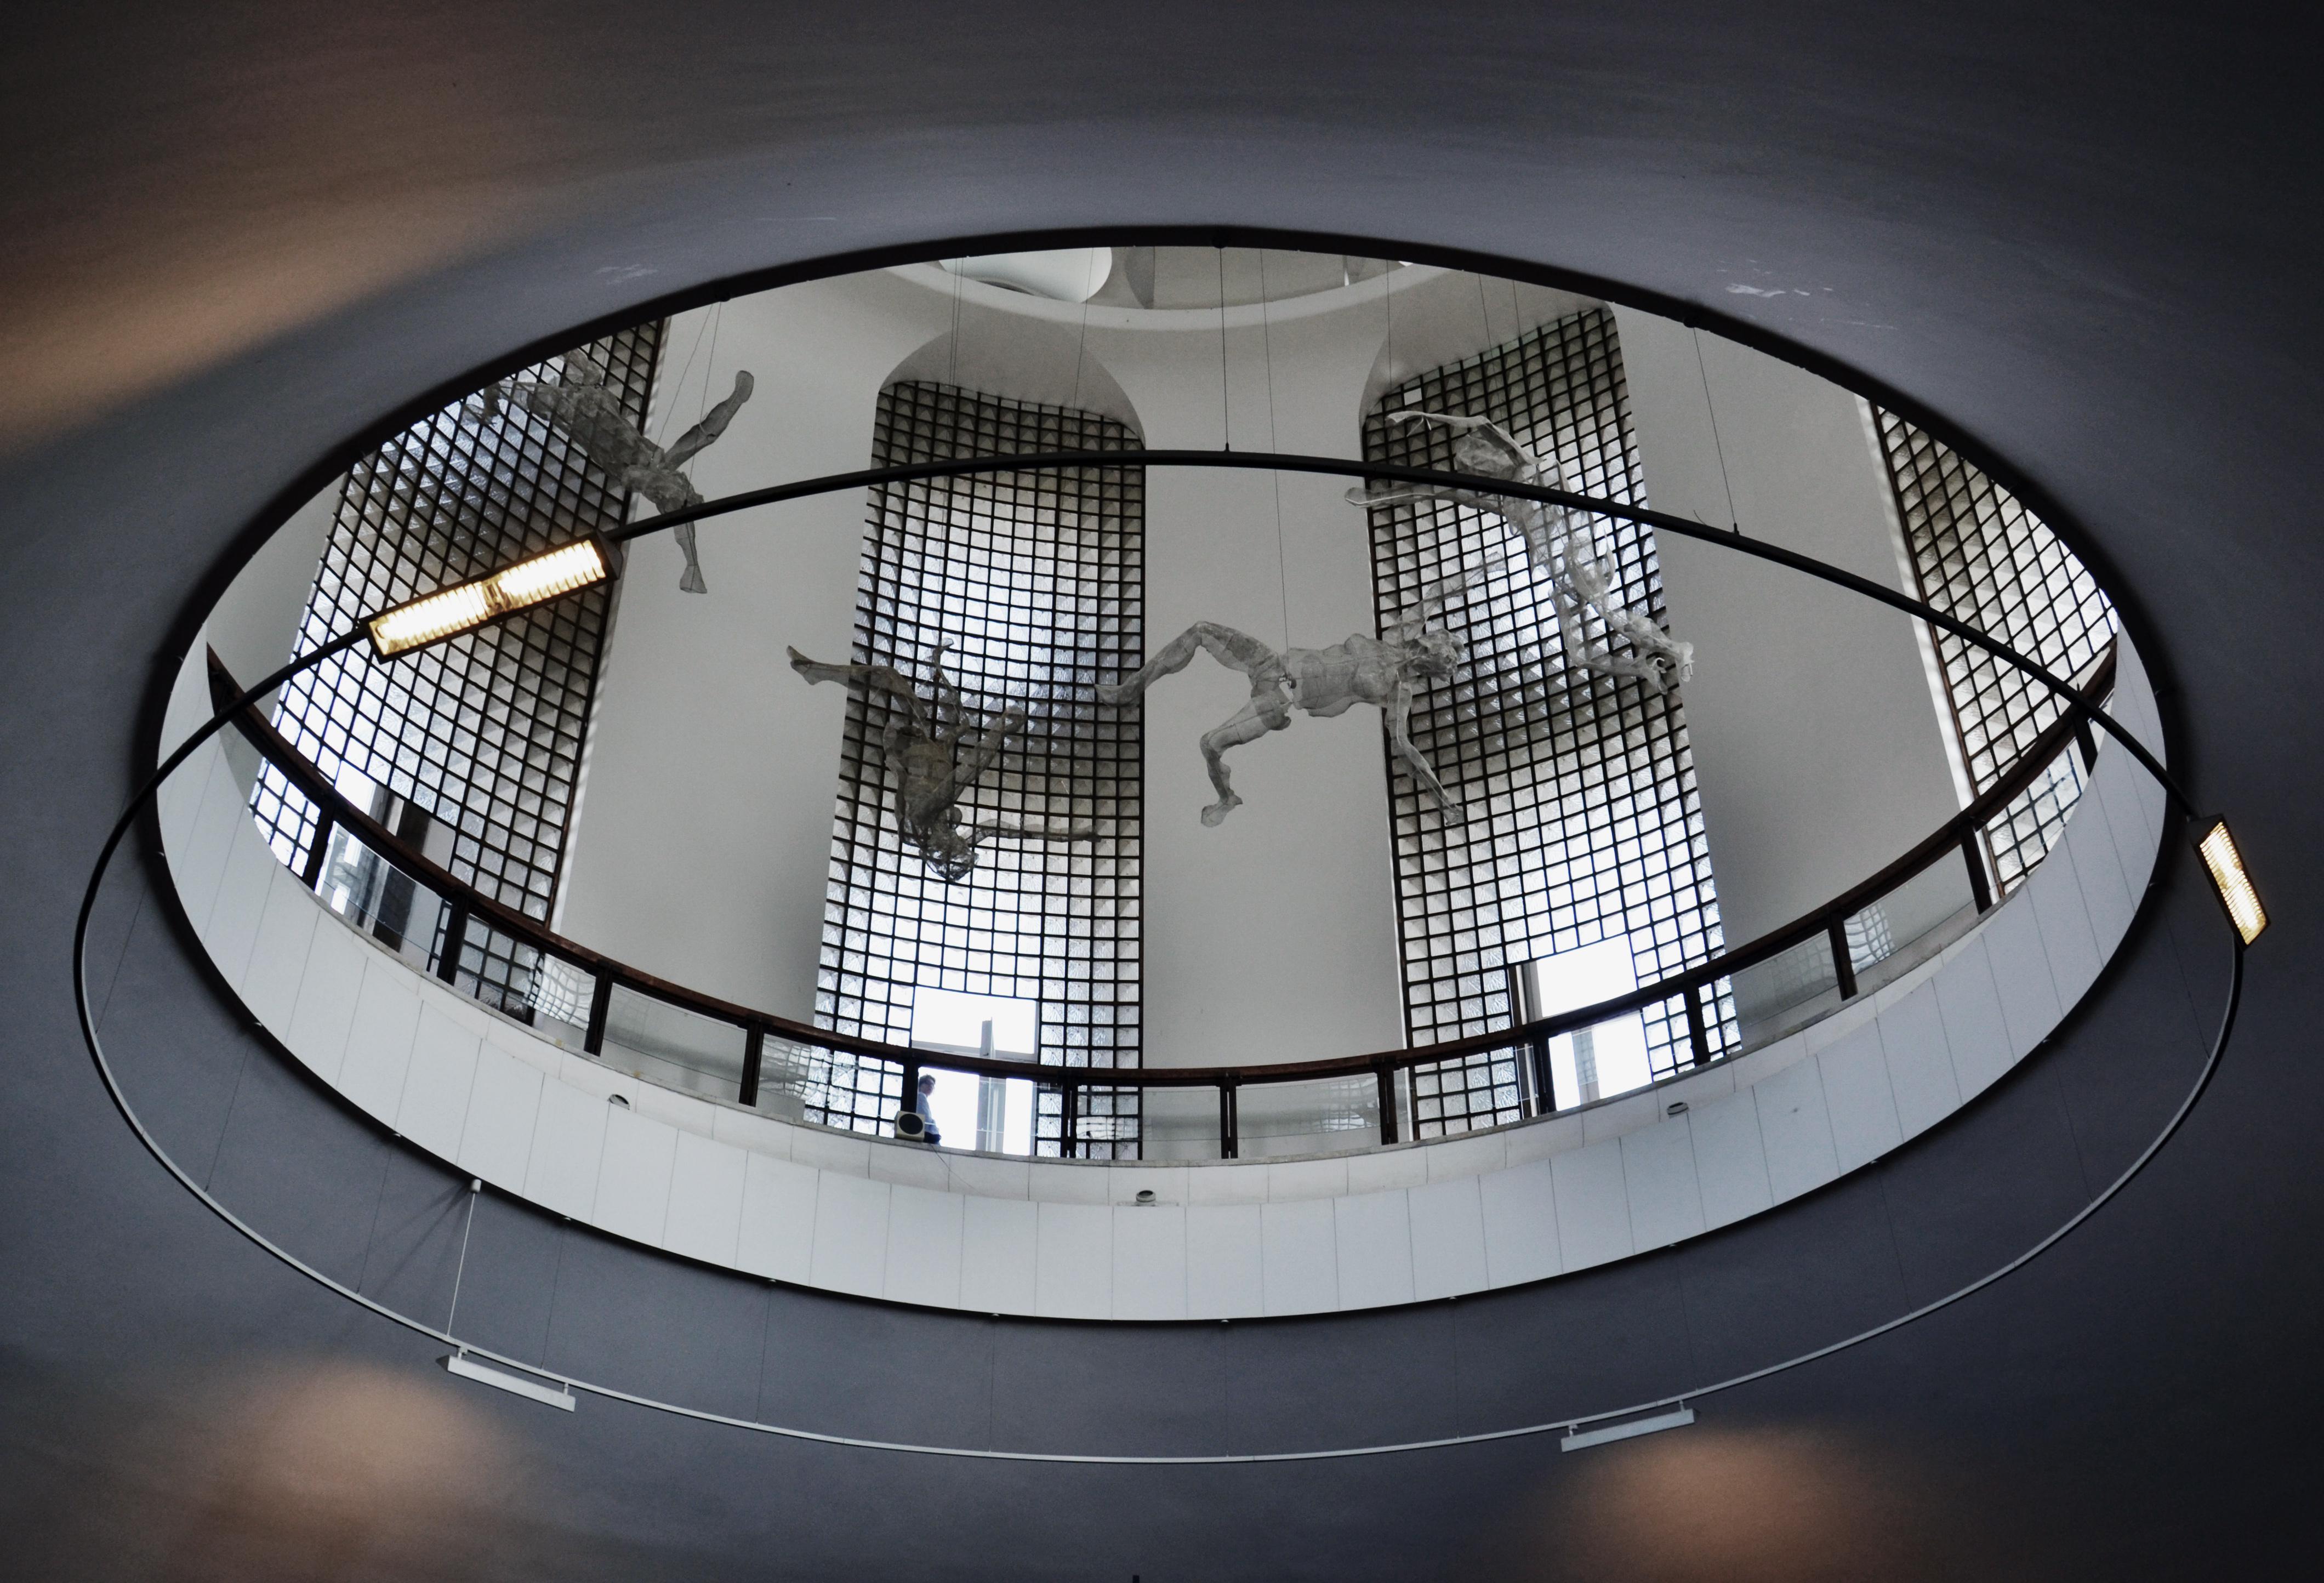 BERCZELLER Rezső , Apocalypse, Kuppel, Magyar Nemzeti Galéria Budapest